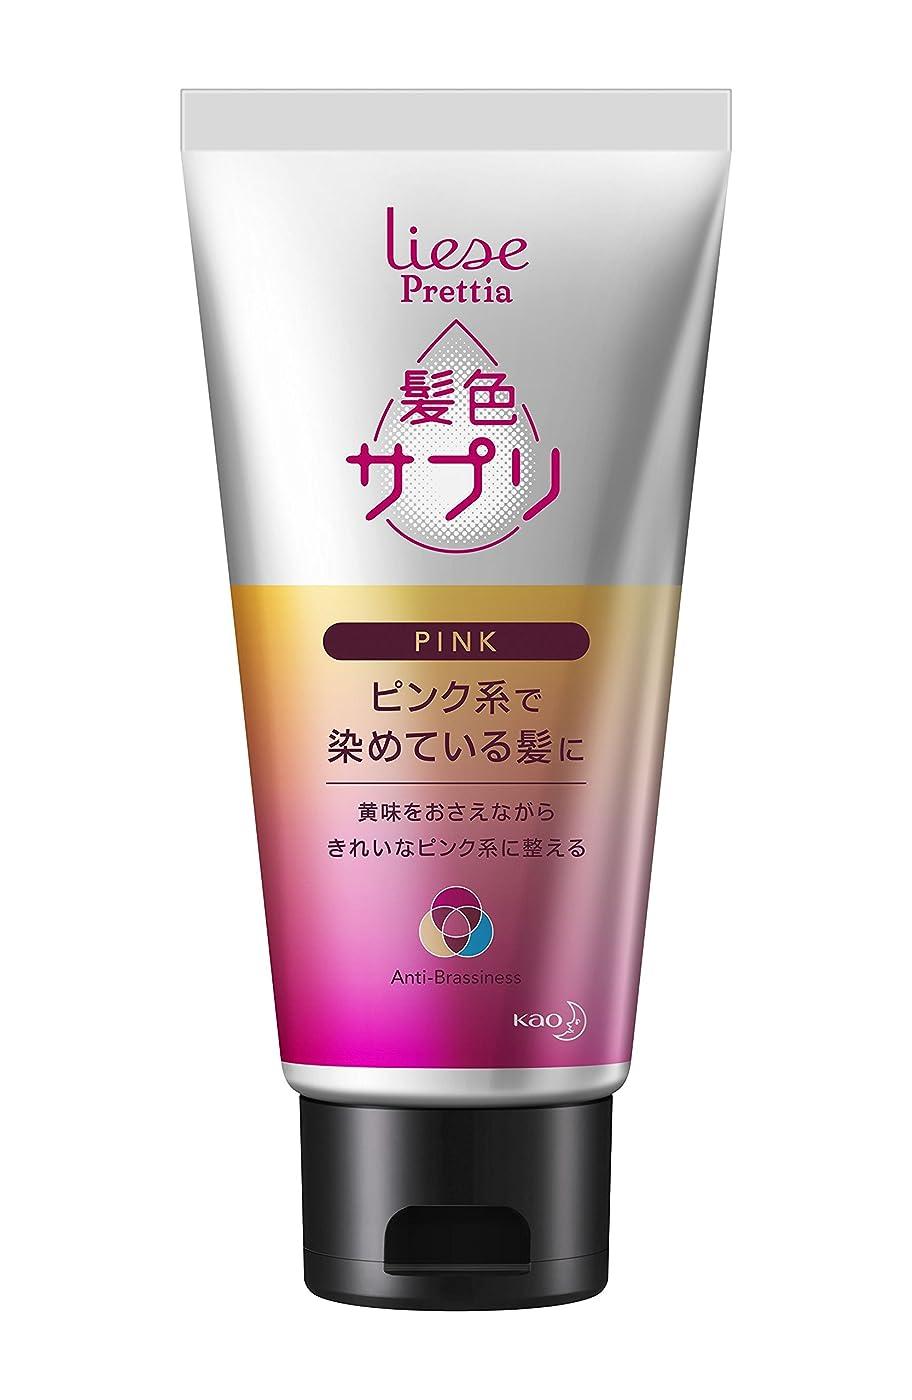 一般化する酔った適性リーゼ プリティア 髪色サプリ ピンク系の髪に 170g